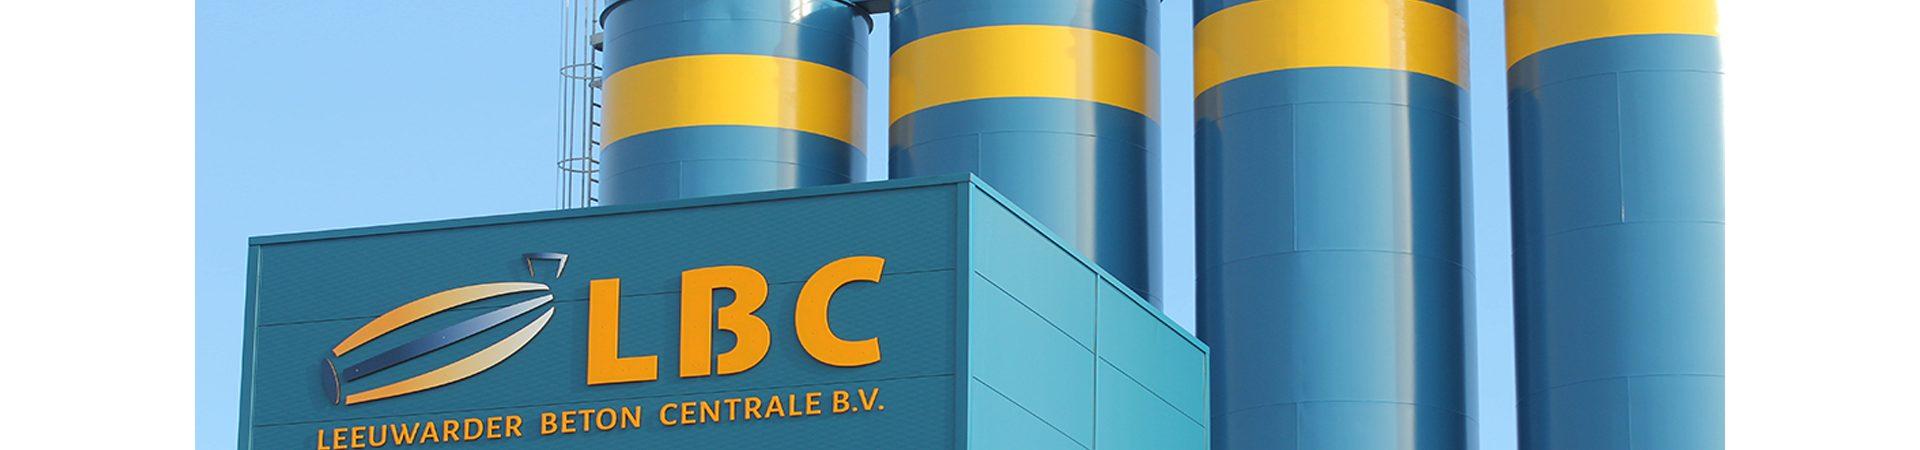 LBC Leeuwarder Beton Centrale